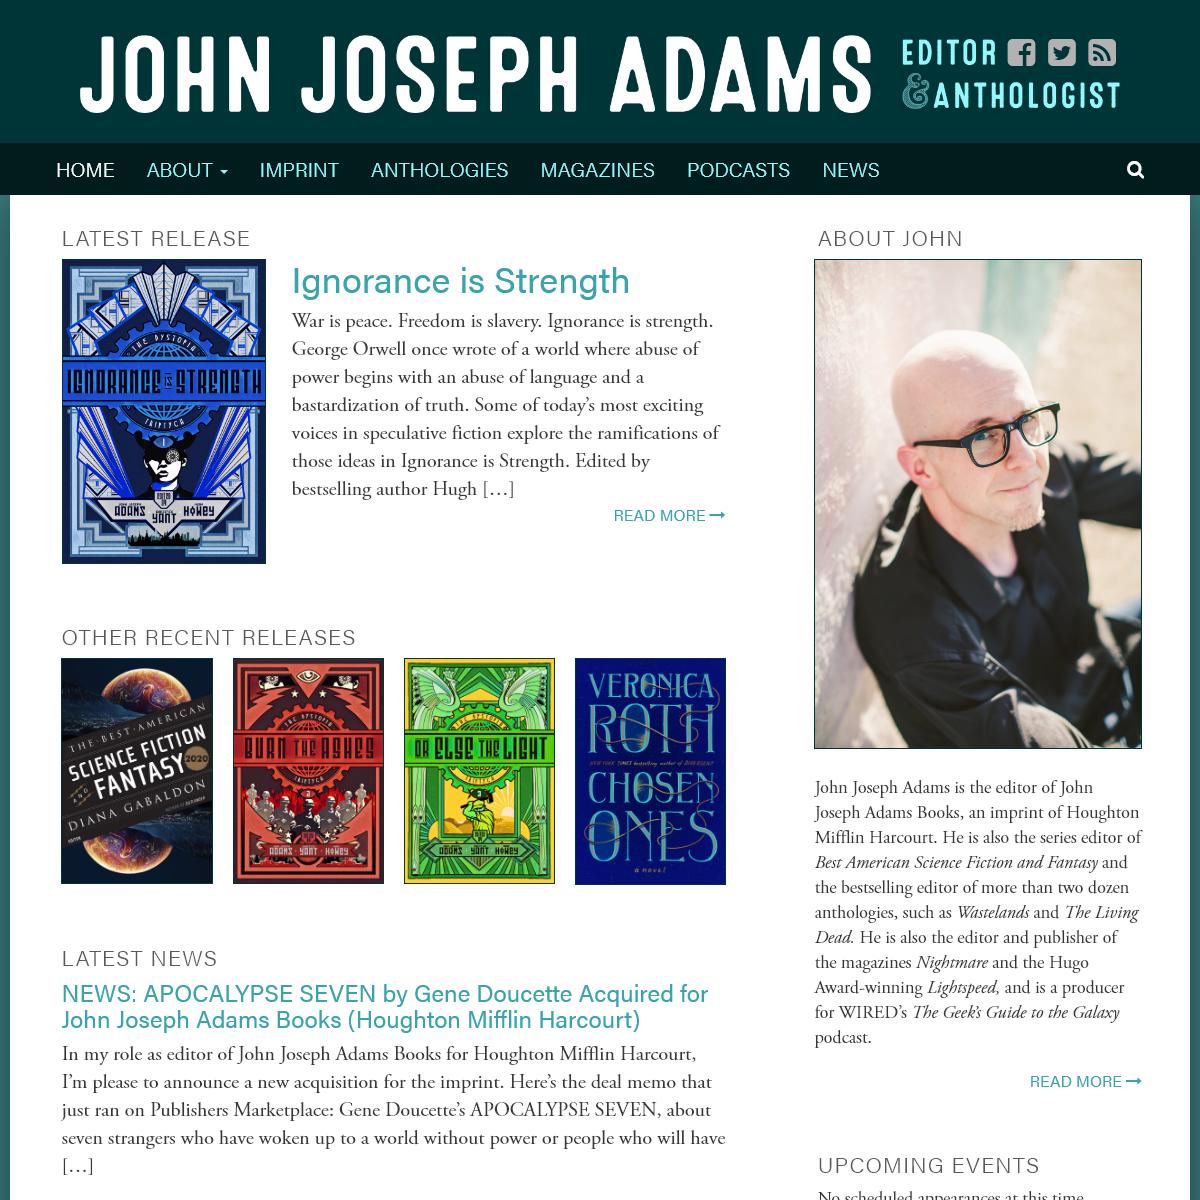 Home - John Joseph Adams